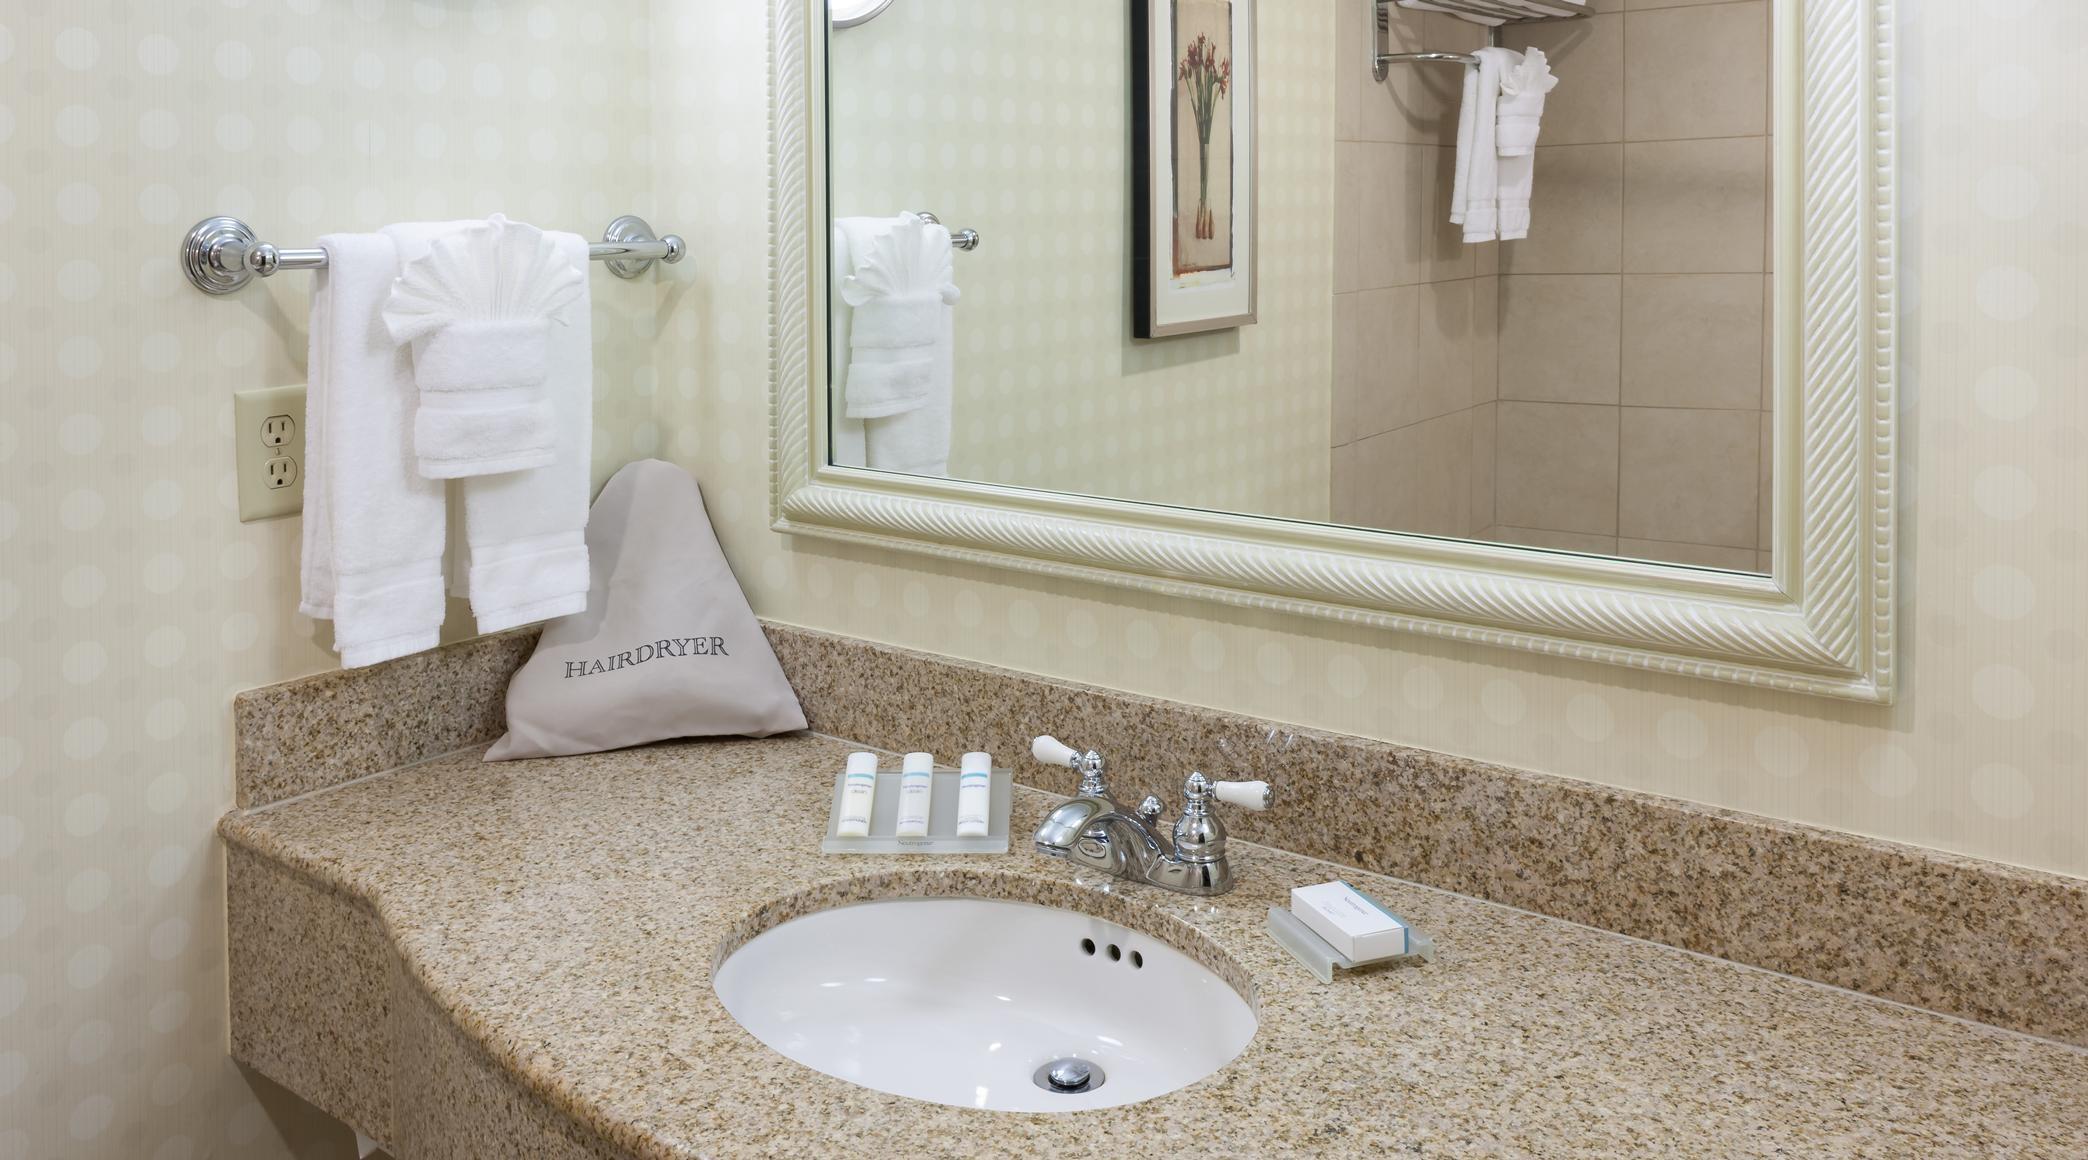 Hilton Garden Inn Frisco image 0